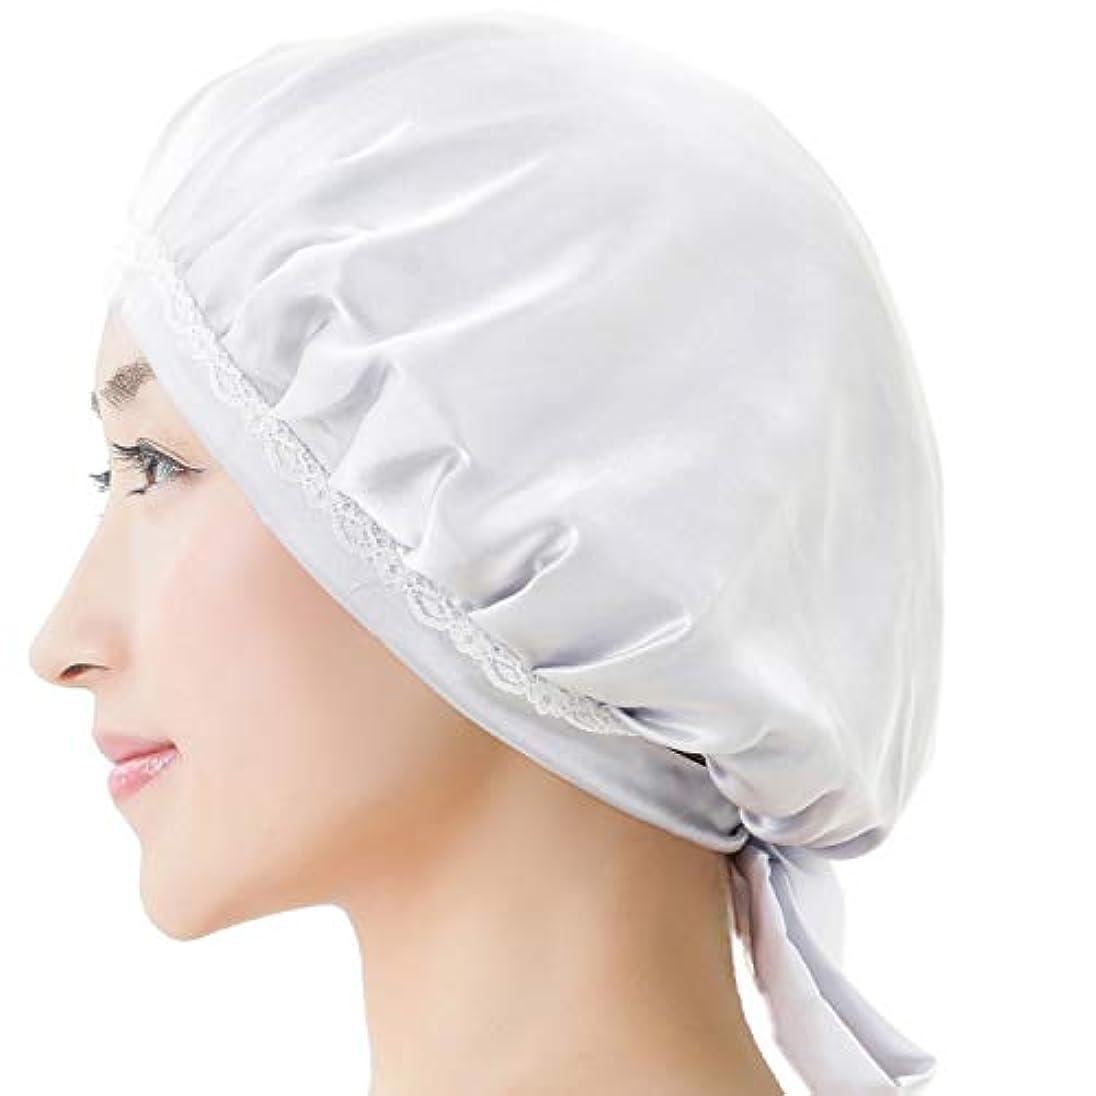 受粉者はい息子RUPORX シルク ナイトキャップ 天然シルク100% ロングヘア 通気性抜群 高品質 ヘアキャップ (シルバー)